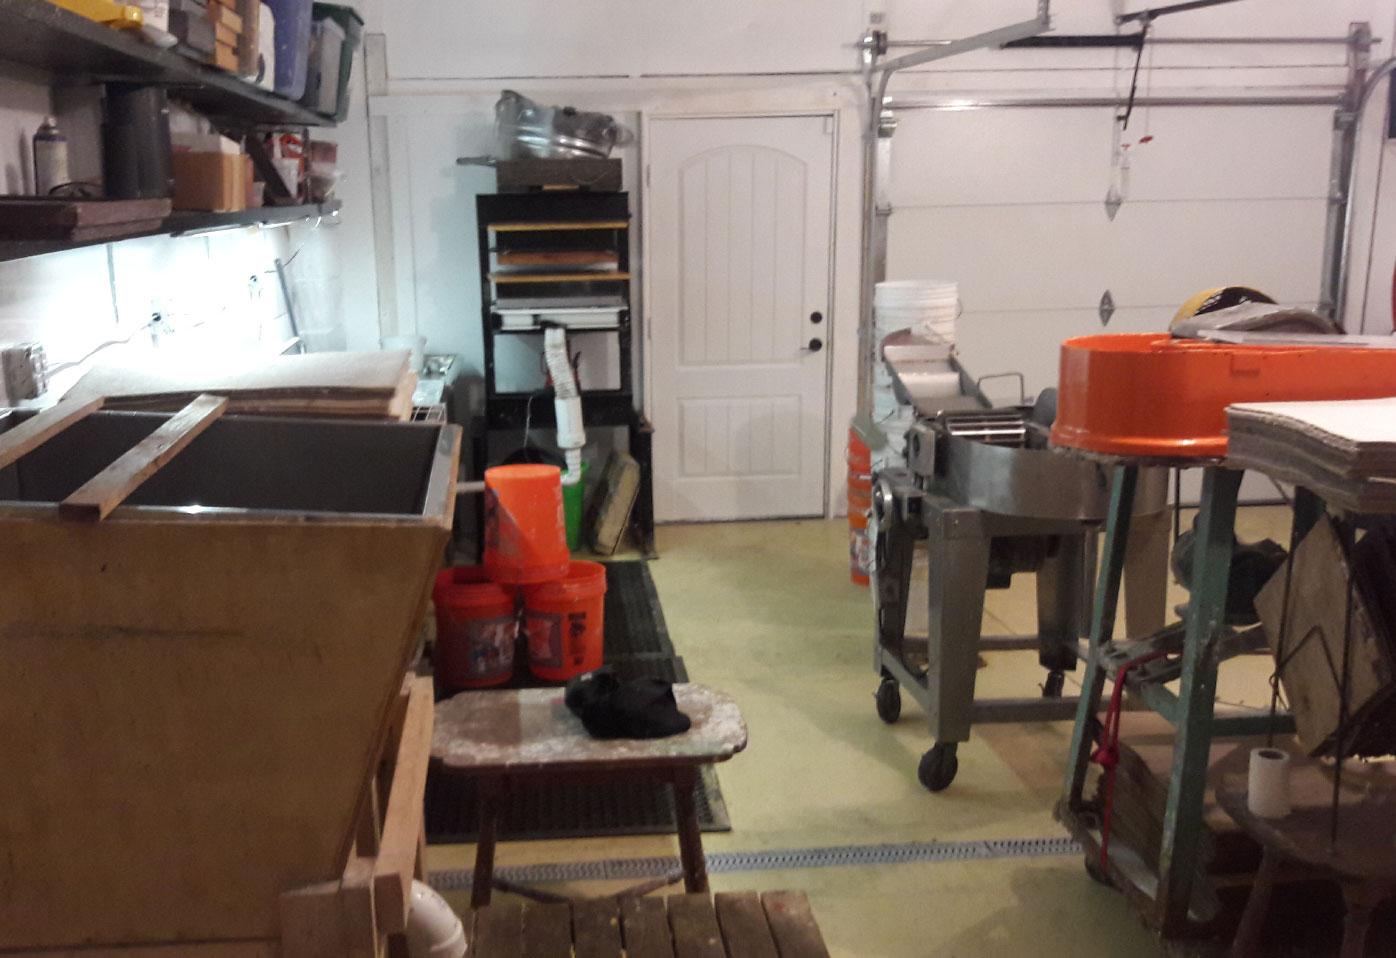 cobenick studio